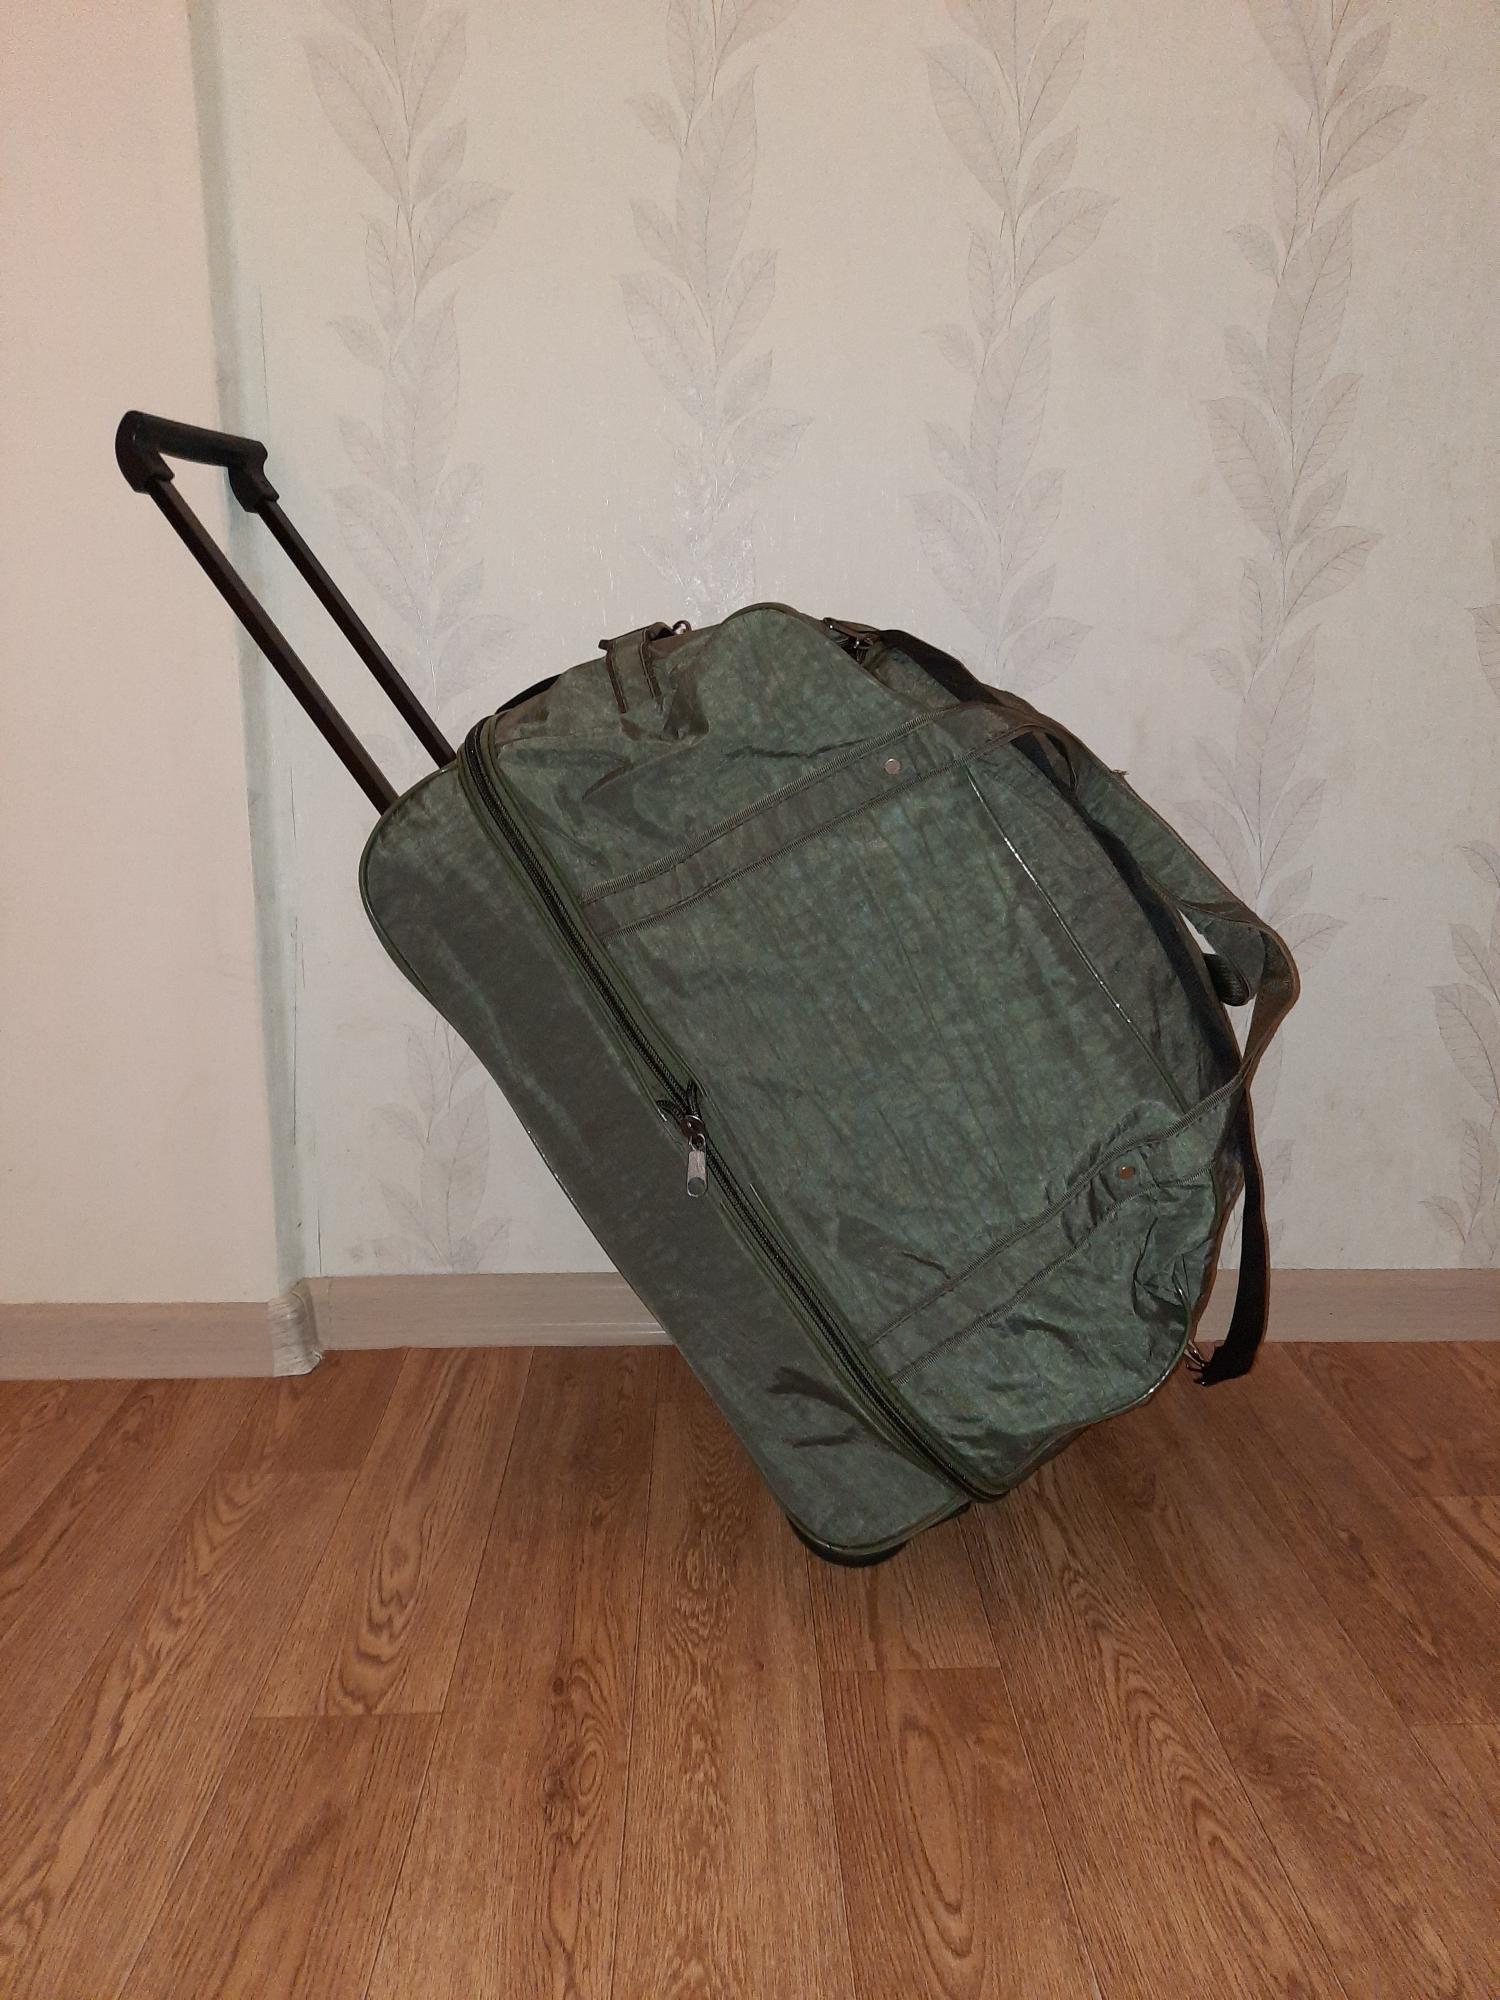 НОВАЯ дорожная сумка на колесах в Москве 89160314195 купить 1